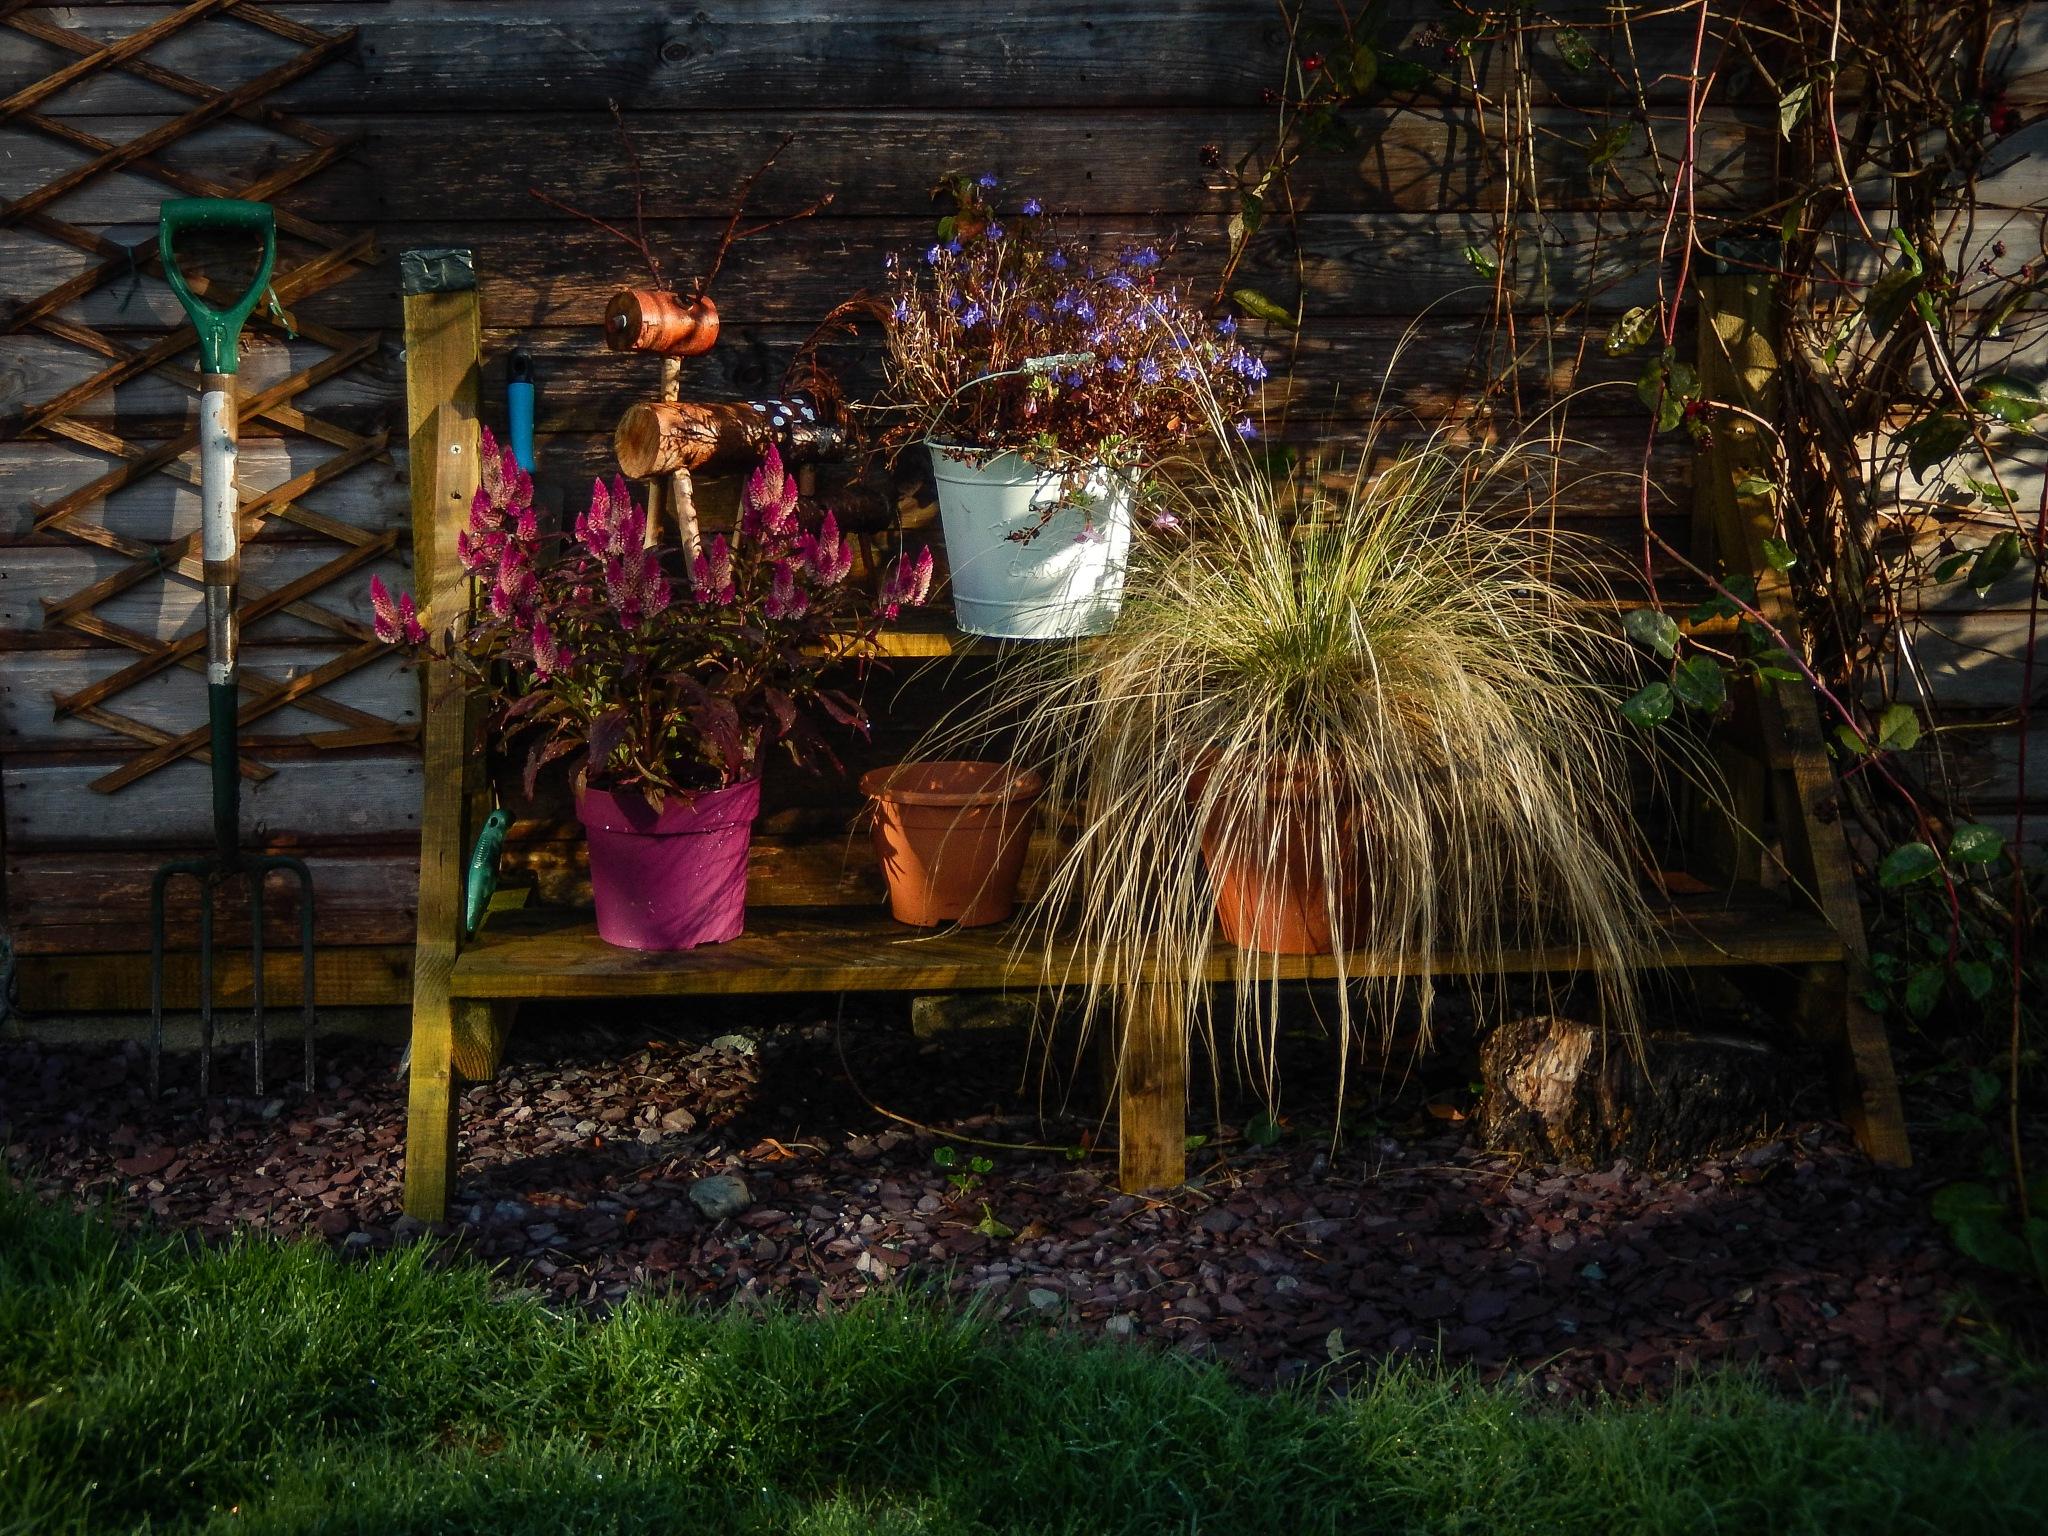 Gardeners Shelves by EdR